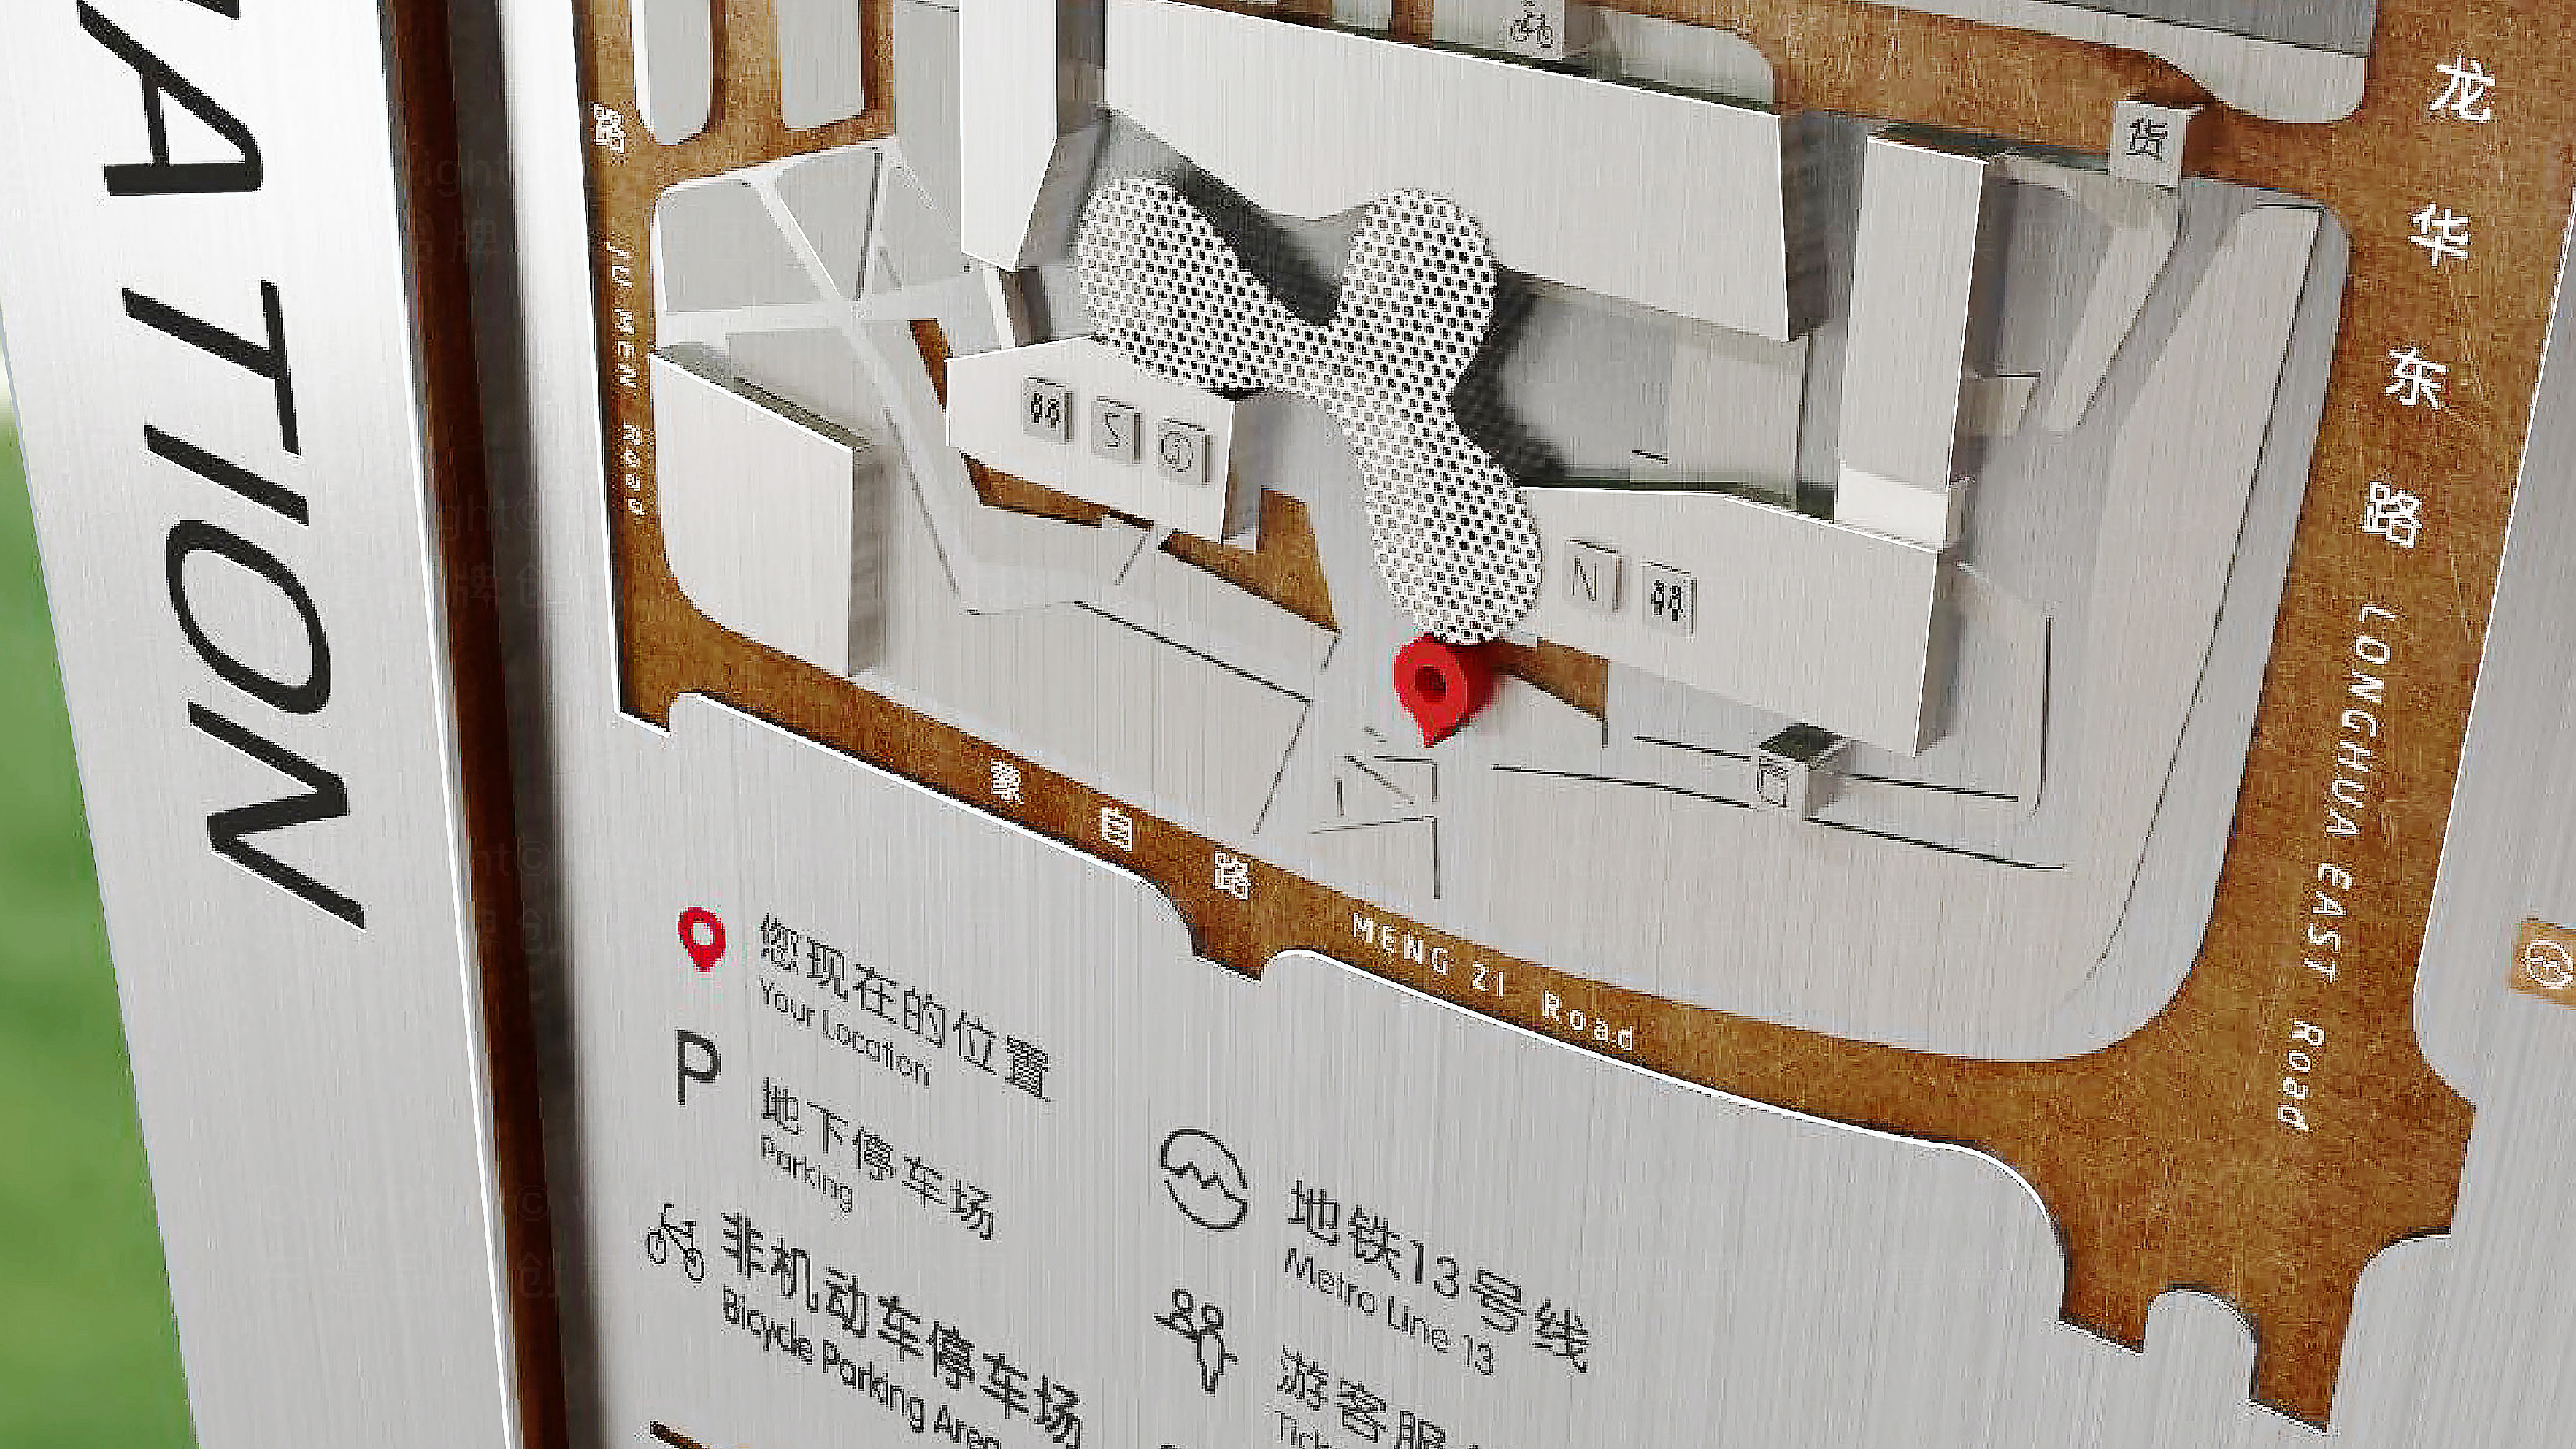 上海世博会标识工程设计应用场景_6